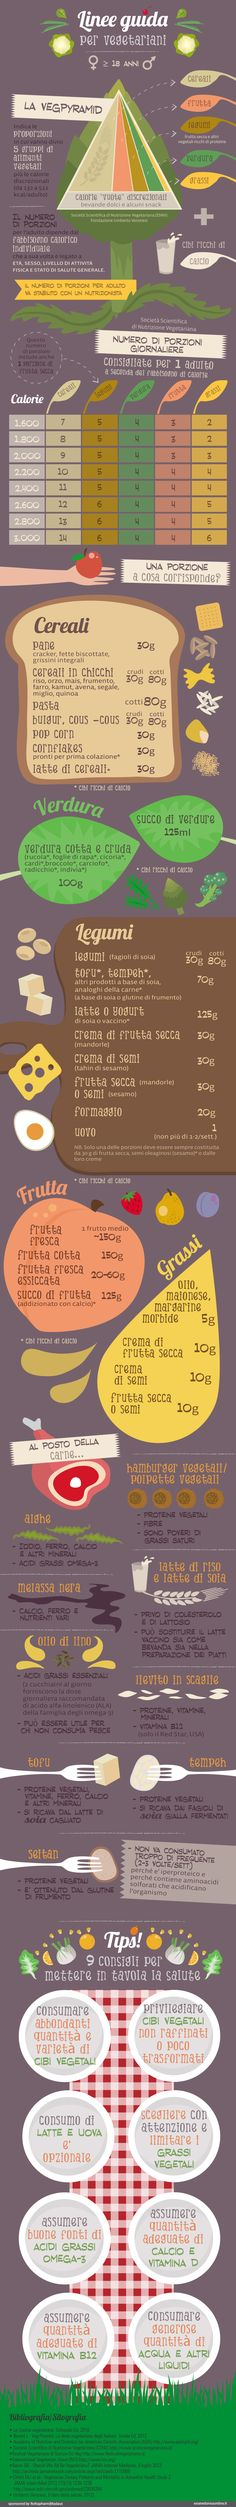 Le linee guida per una corretta alimentazione vegetariana